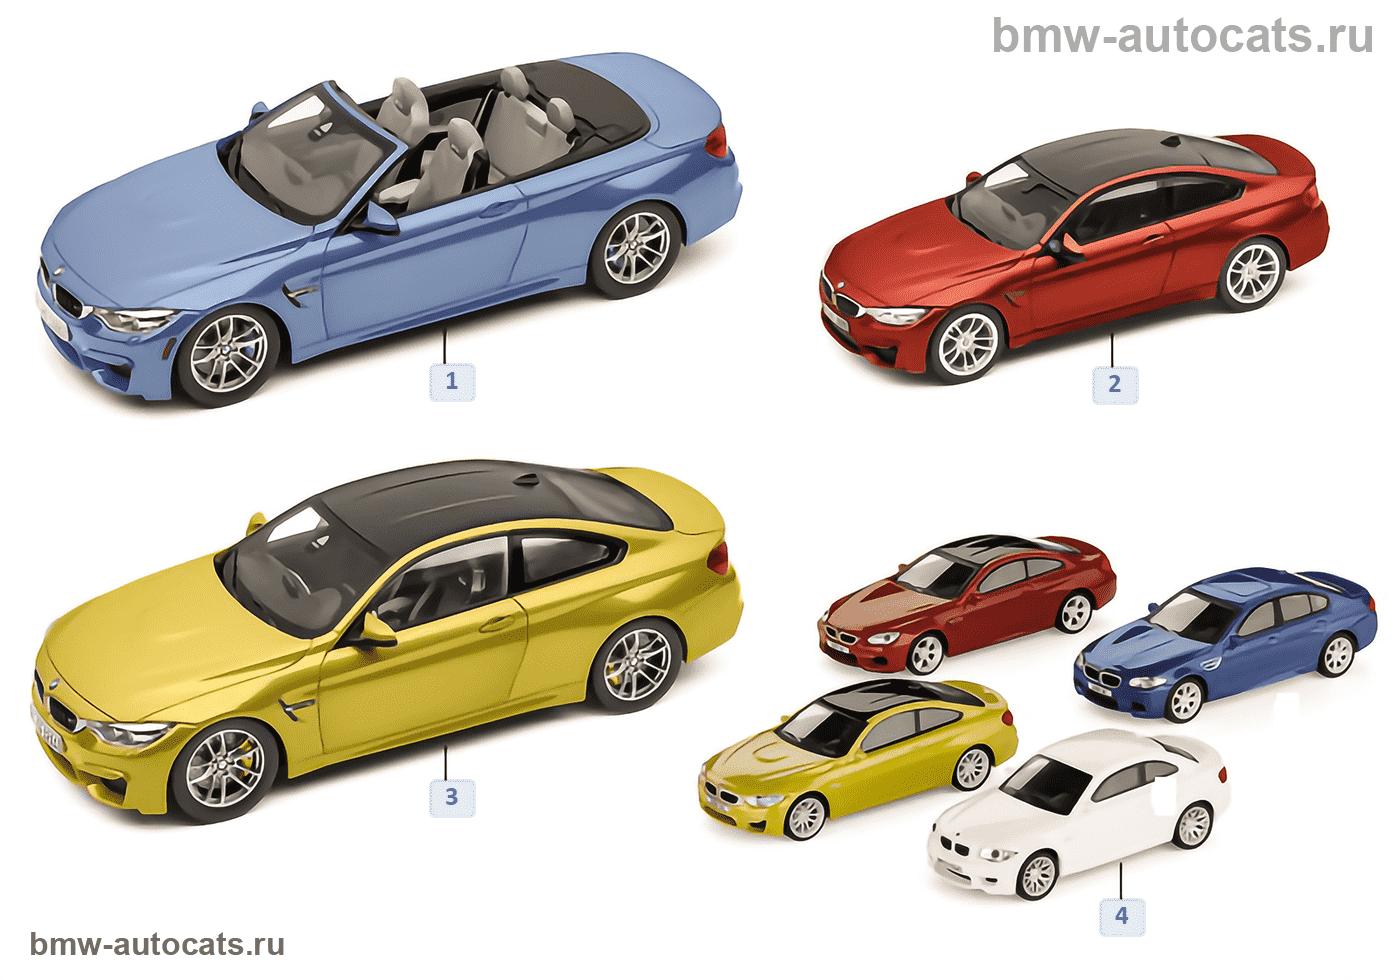 Миниат.модели BMW — BMW серии M4 14/16